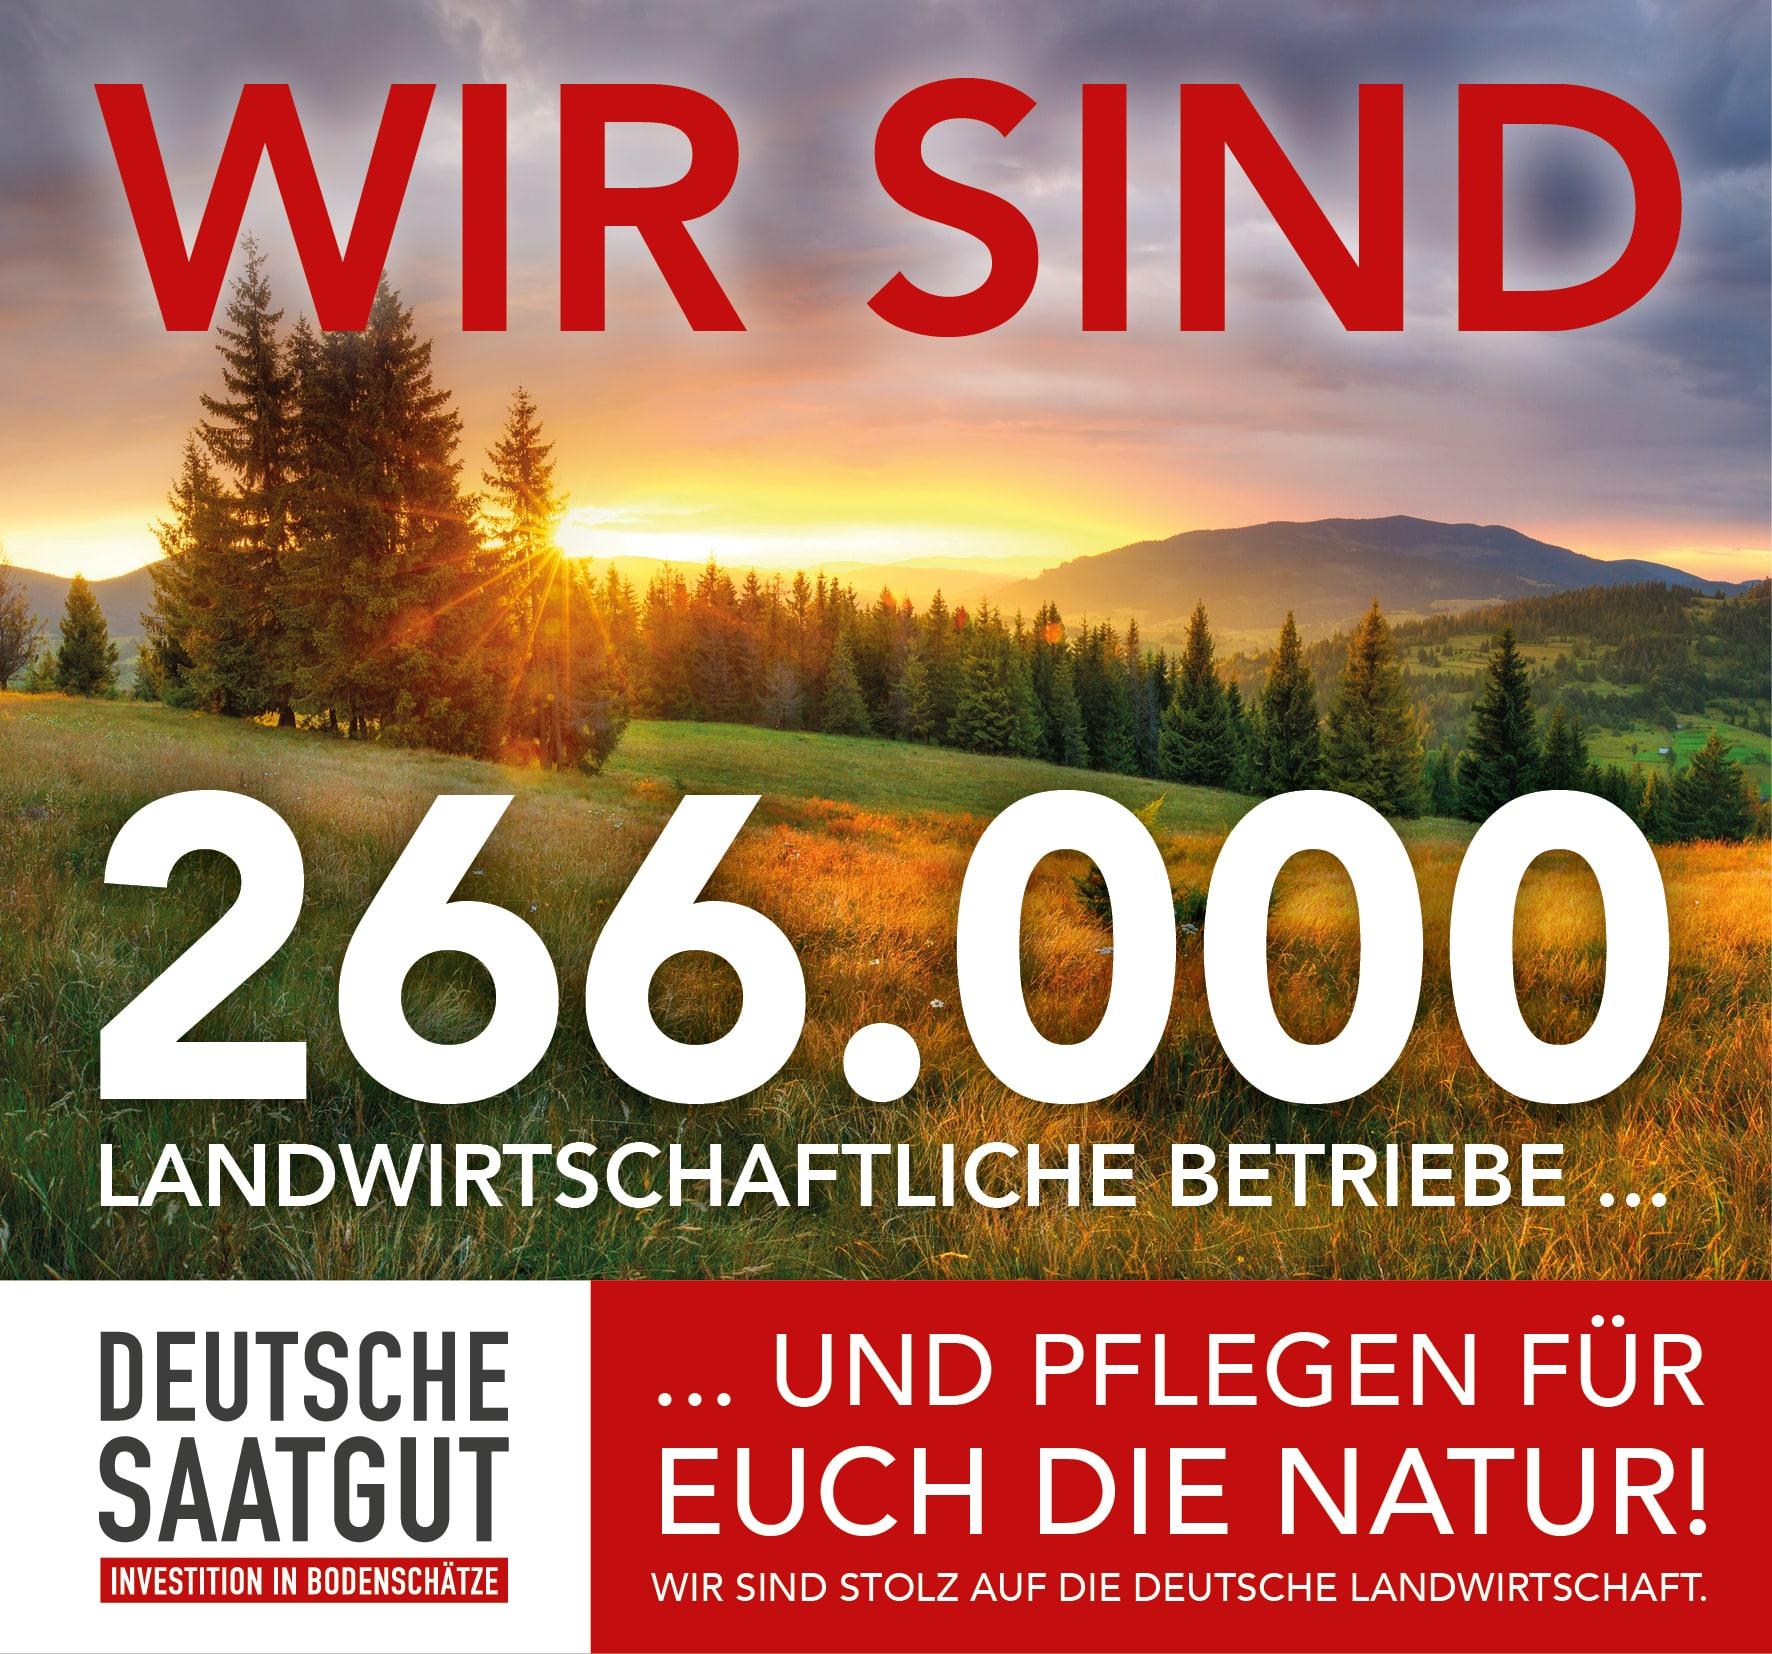 """""""WIR SIND STOLZ UND ERKLÄREN UNS SOLIDARISCH MIT DER DEUTSCHEN LANDWIRTSCHAFT!"""""""